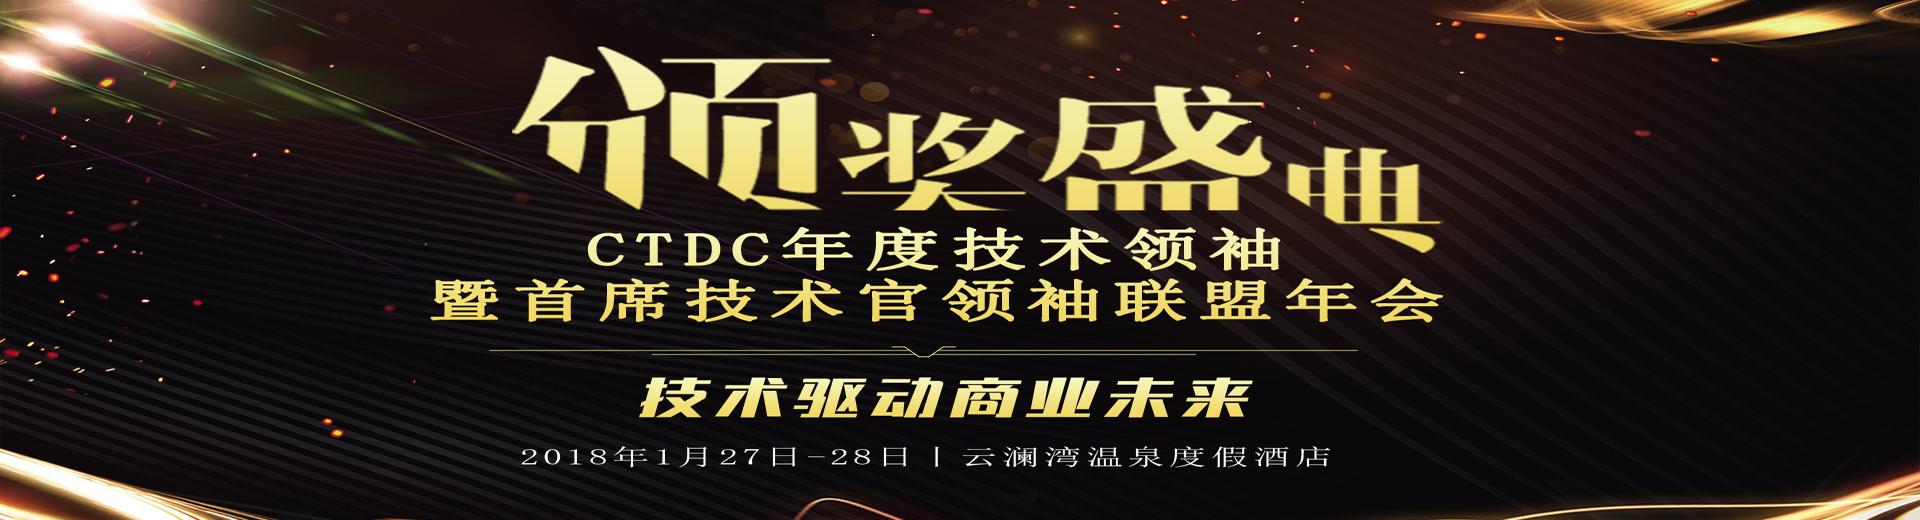 CTDC年度技术领袖颁奖盛典暨首席技术官领袖联盟年会 —技术驱动未来